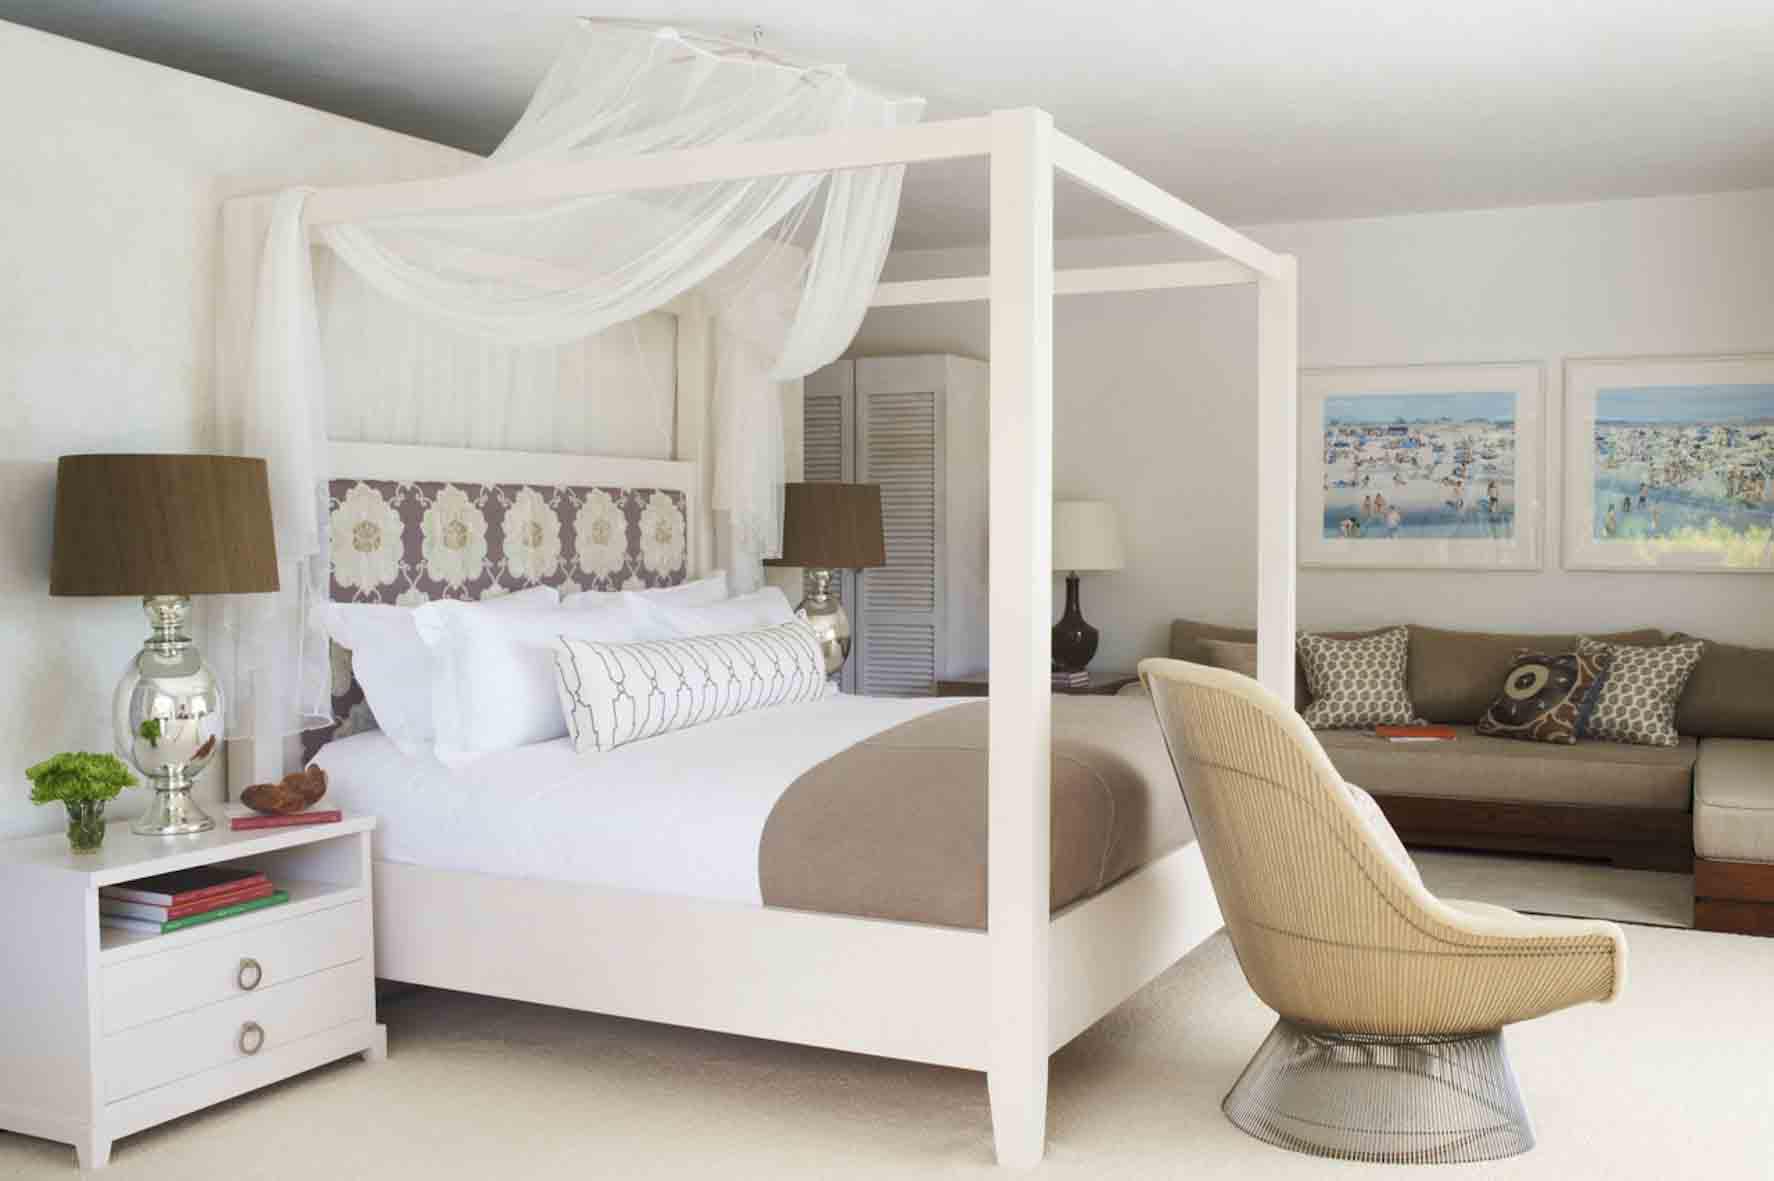 Interior design by Carden Cunietti